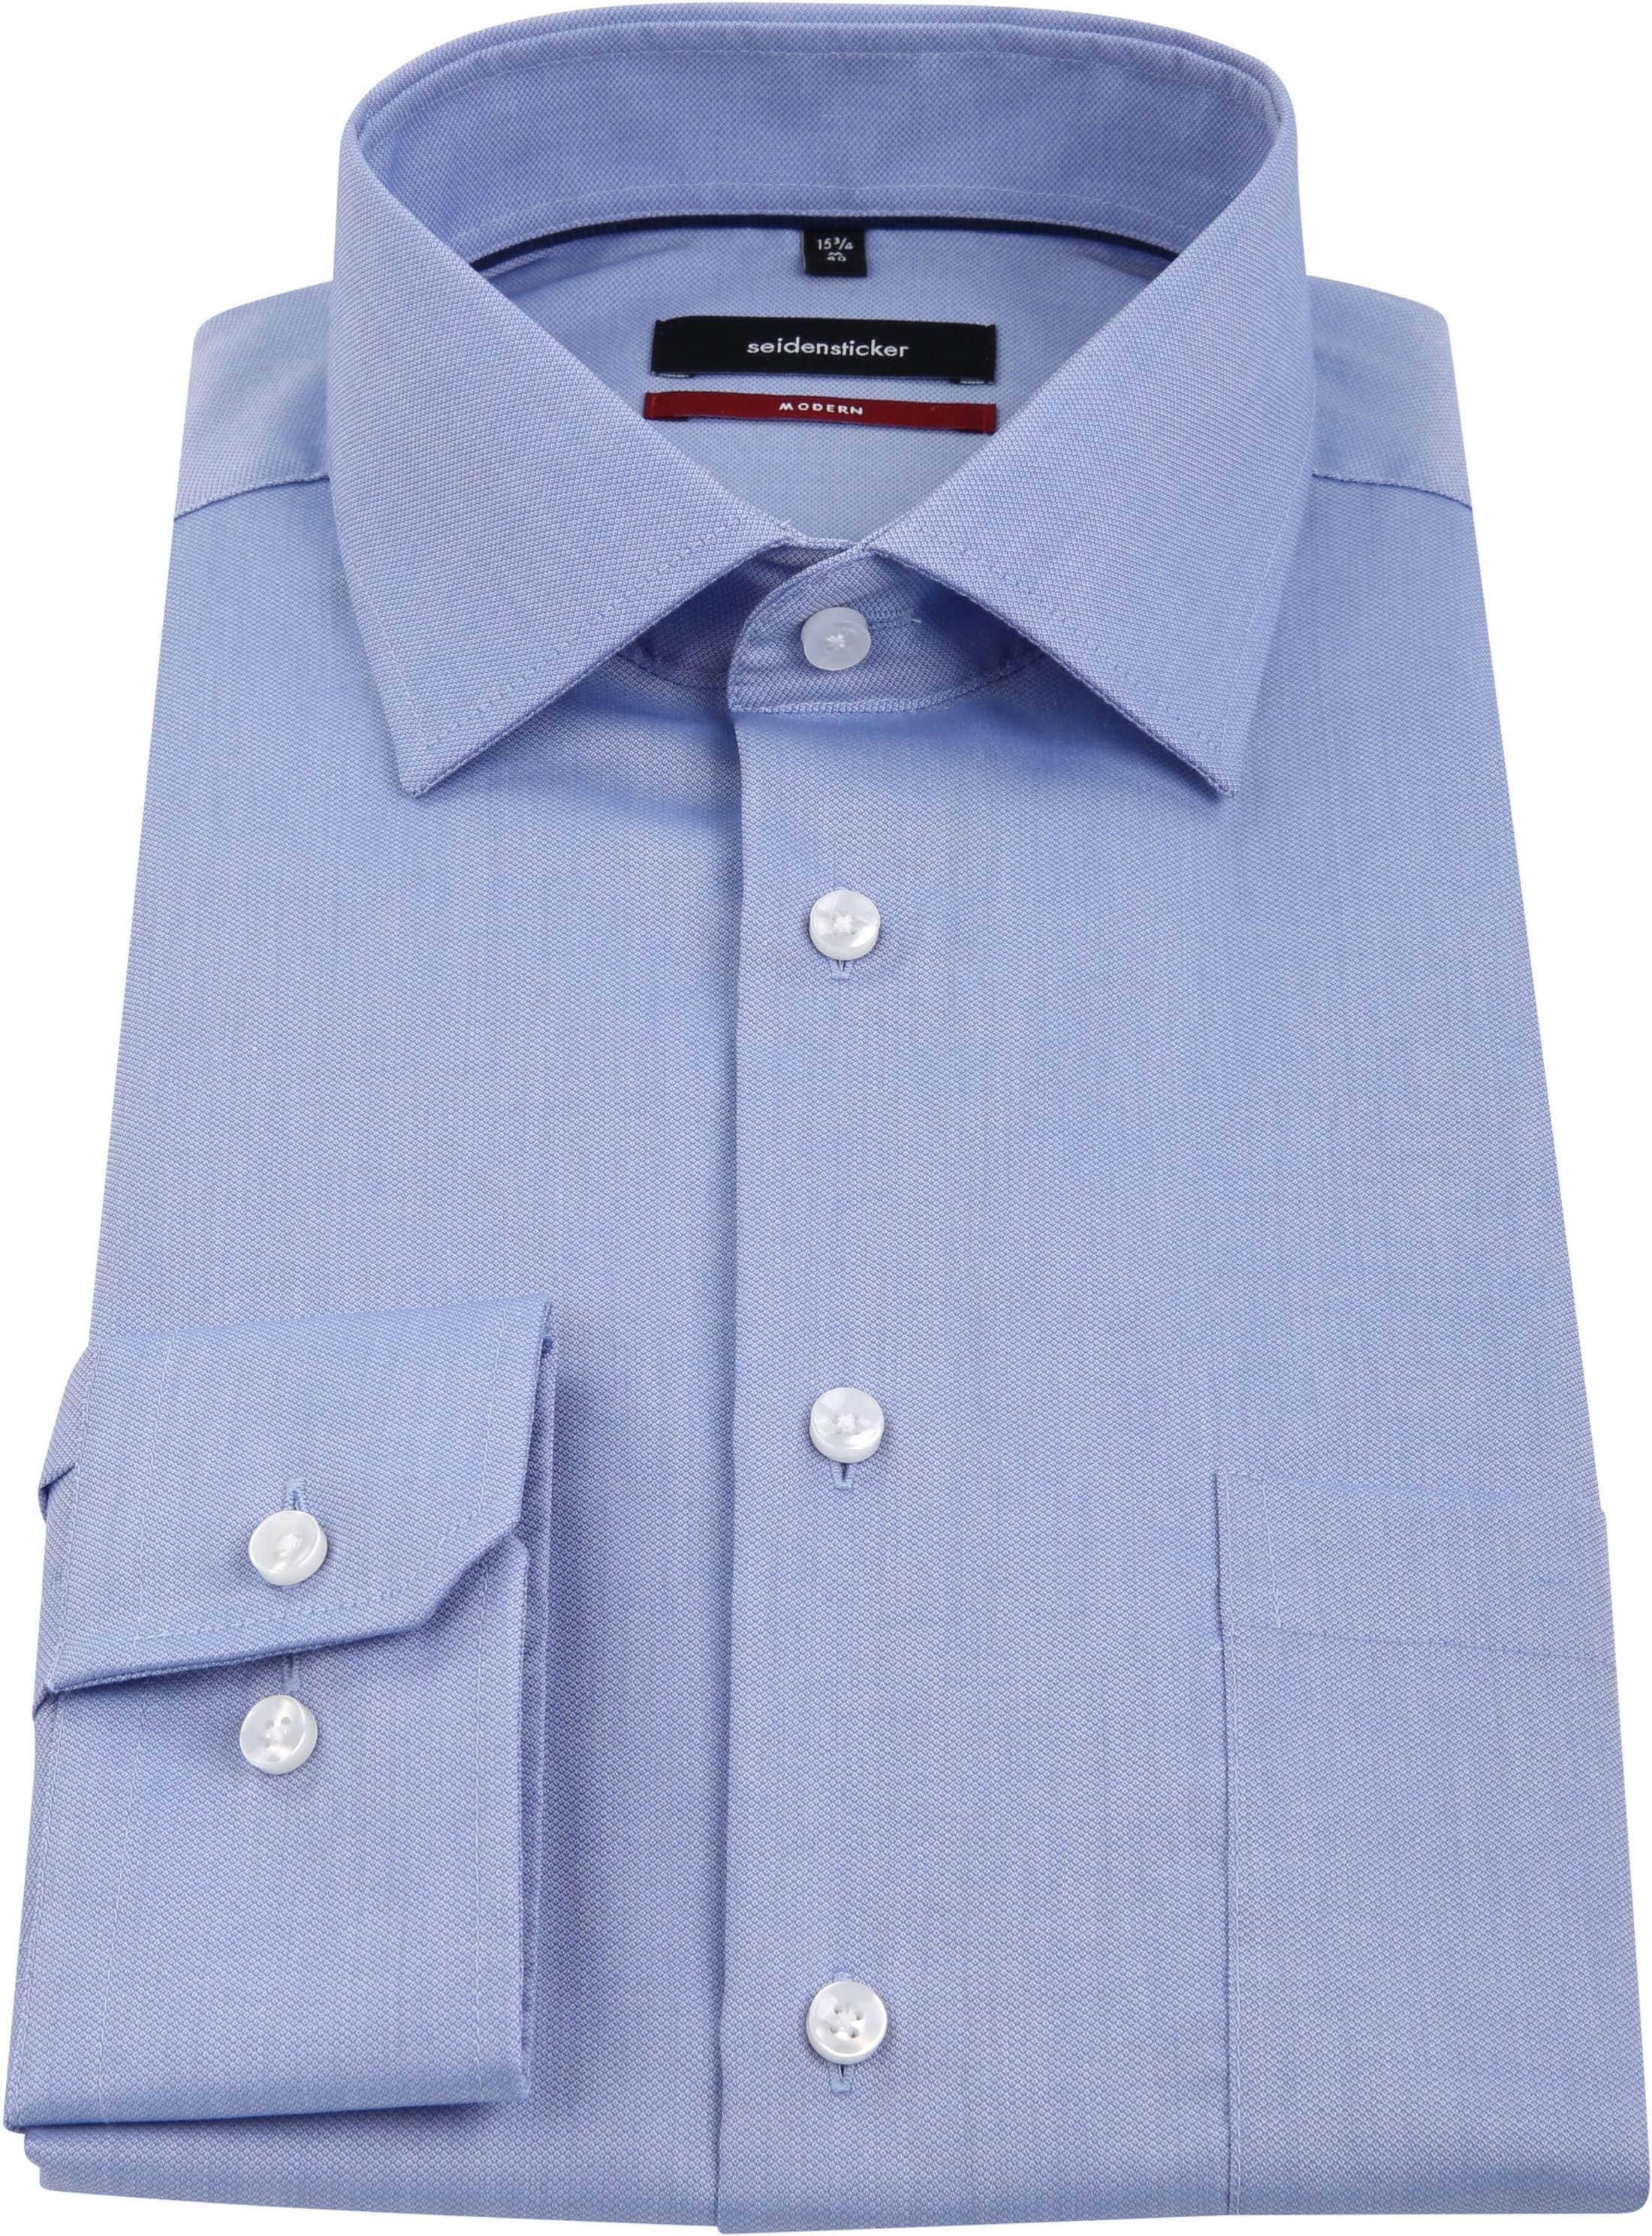 Seidensticker Hemd MF Blau foto 2